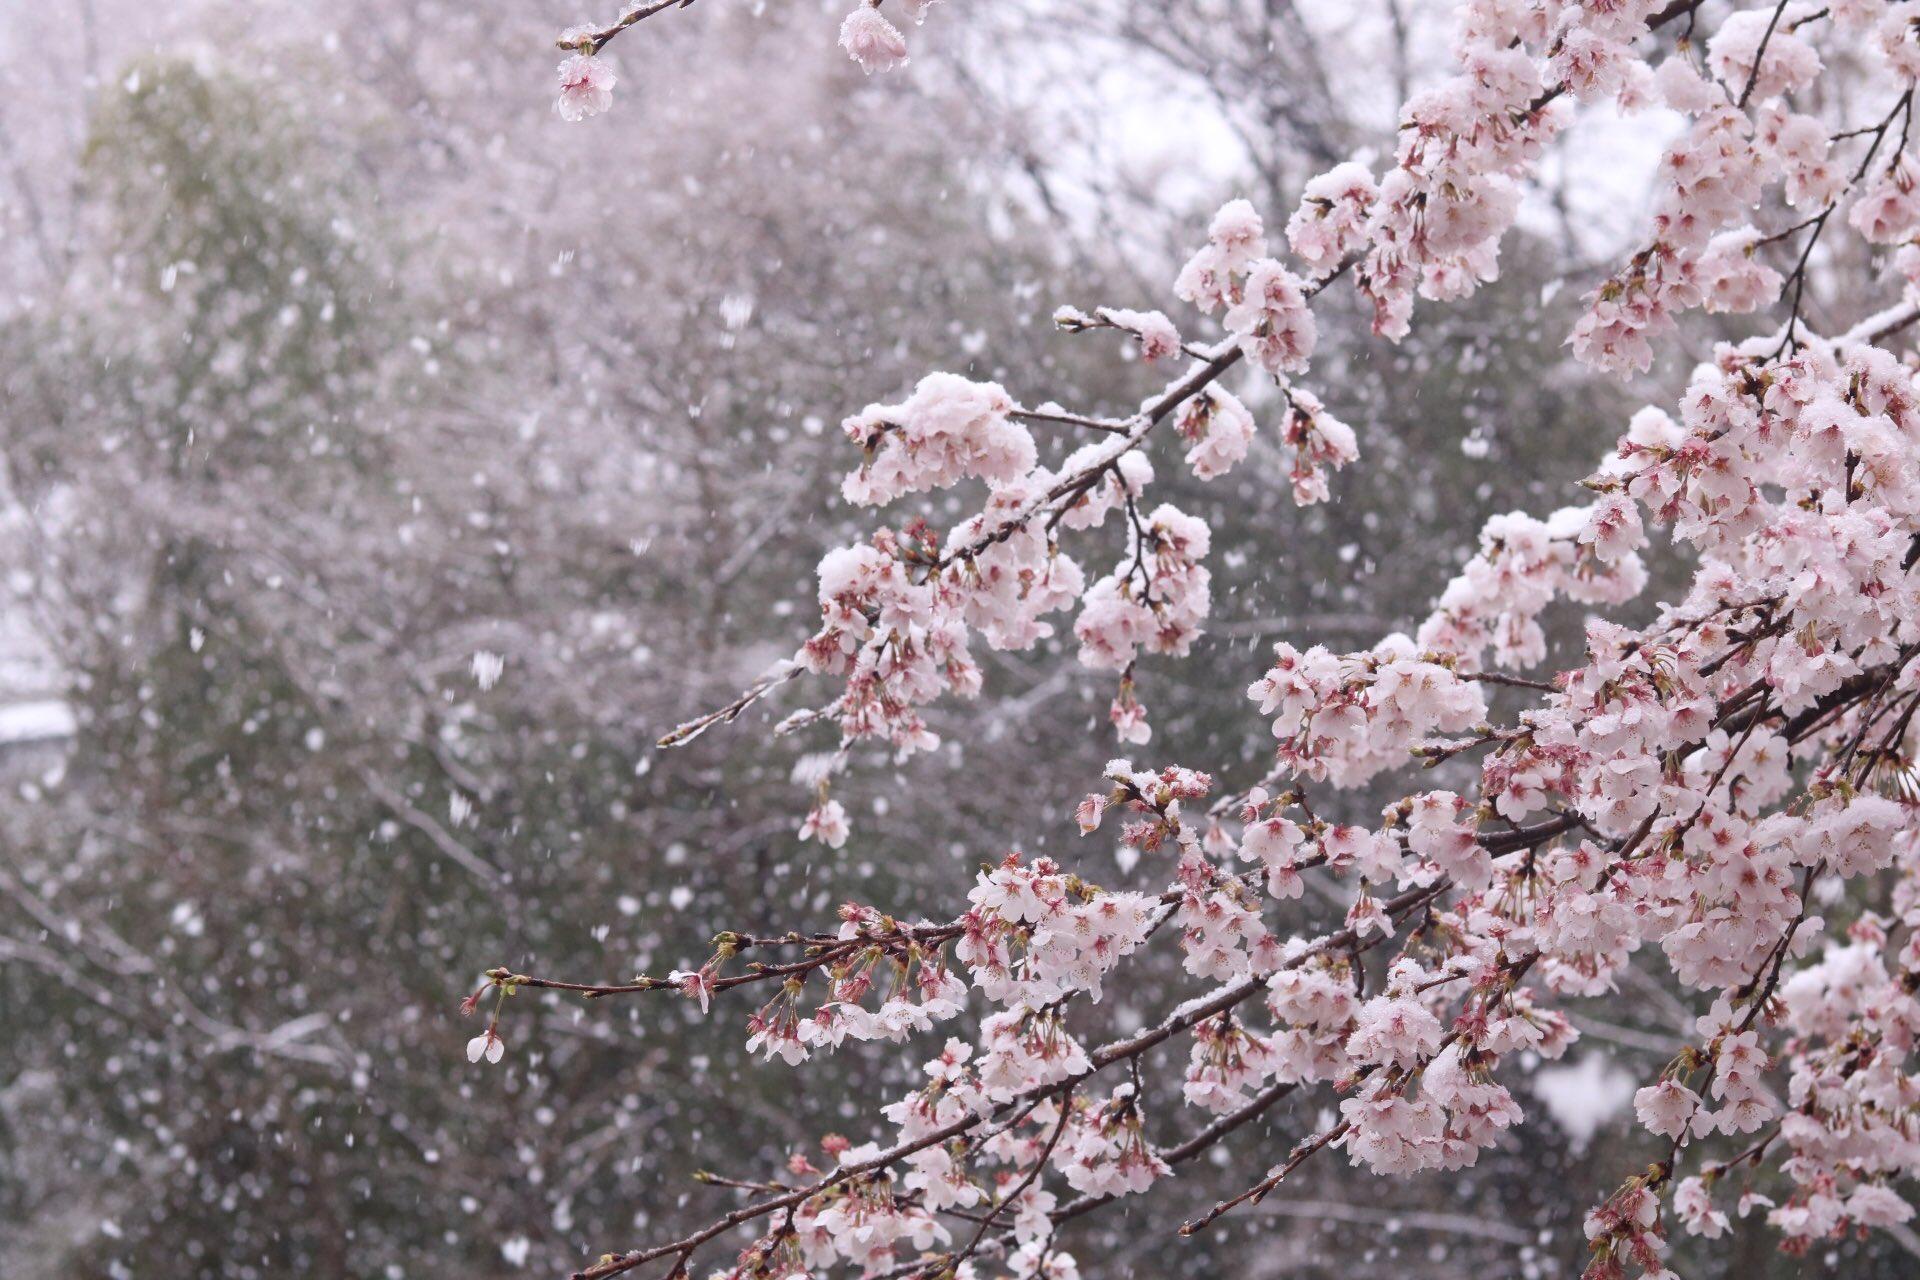 さくらと雪のコラボ‼自然現象で起こる美しい景色♪。.:*・゜♪。.:*・゜